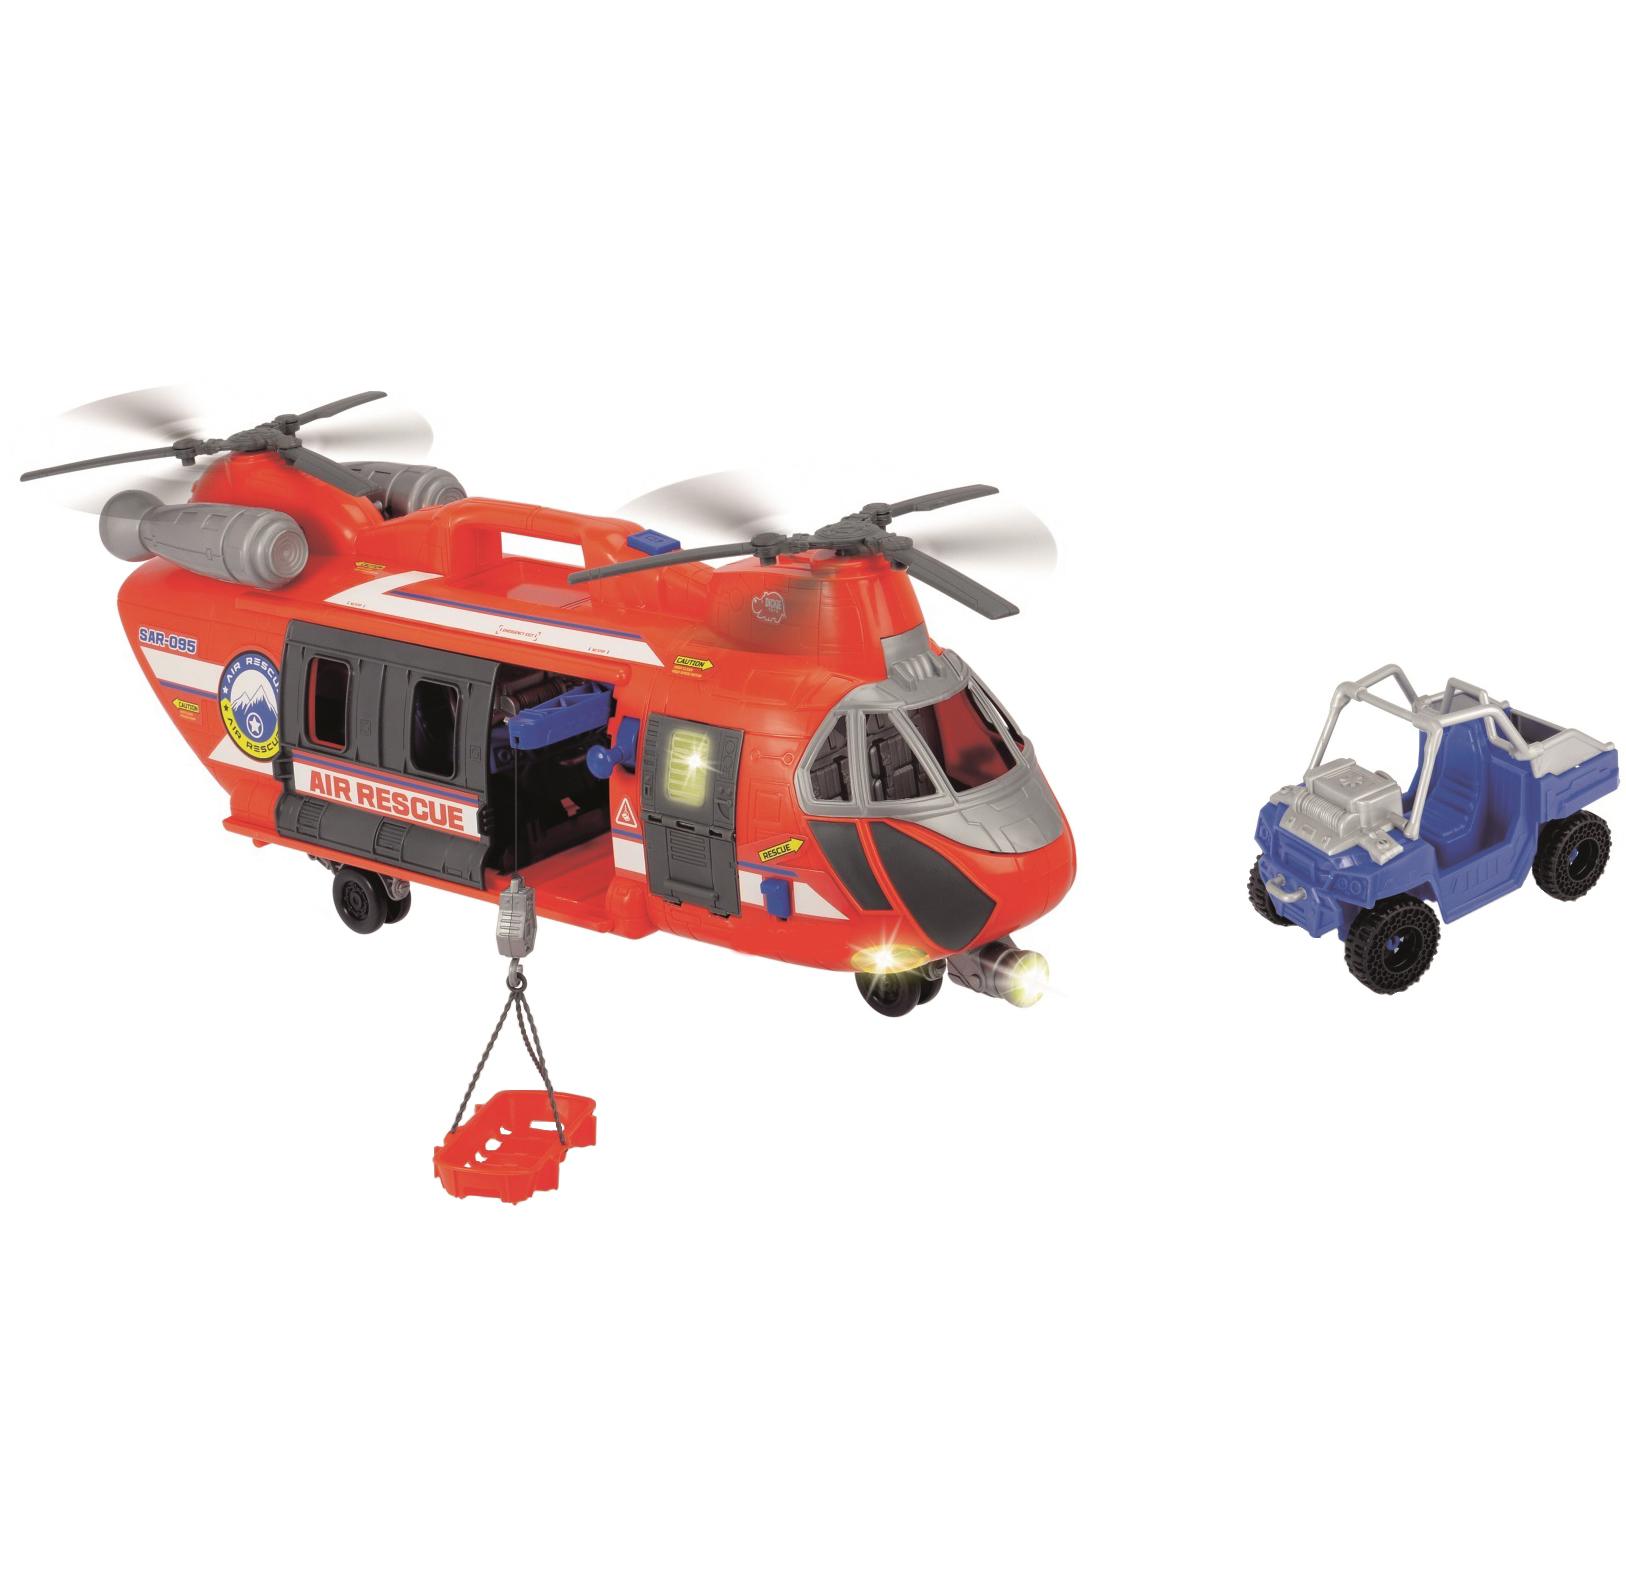 Вертолет спасателей 56 см., свет, звук и аксессуарыВертолеты<br>Вертолет спасателей 56 см., свет, звук и аксессуары<br>